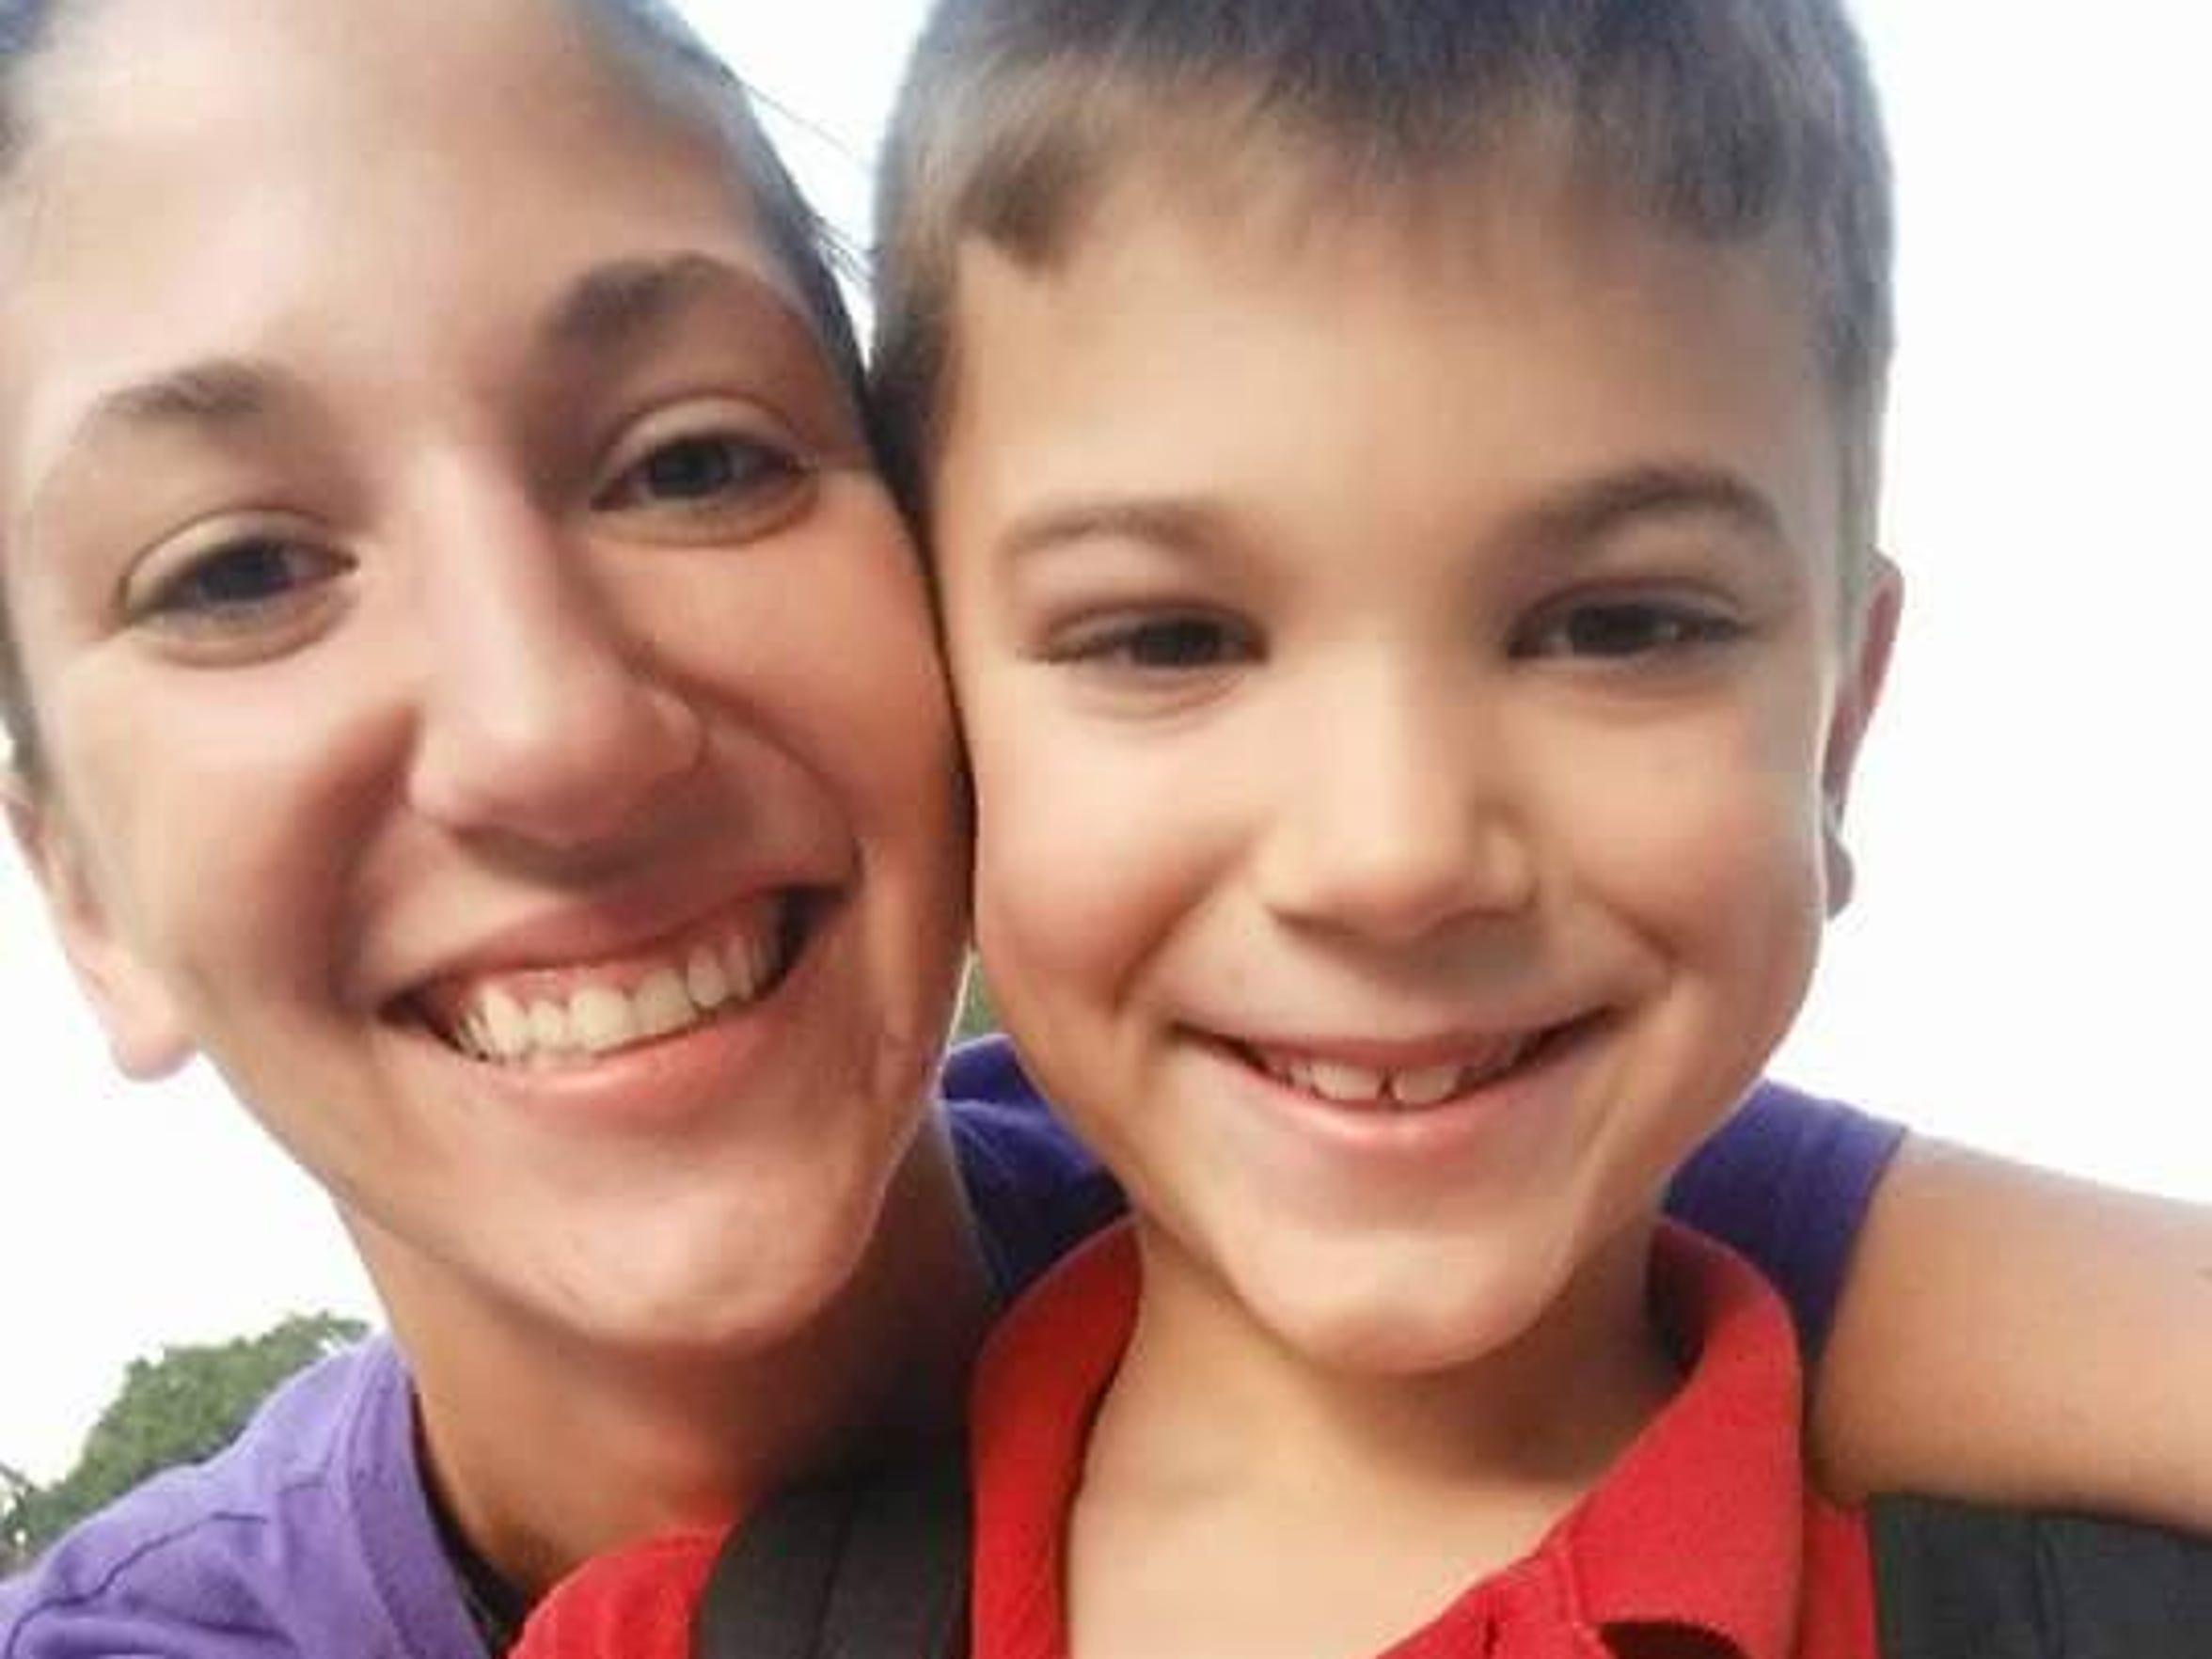 Leah LeBlanc with her son, Eli, 7.